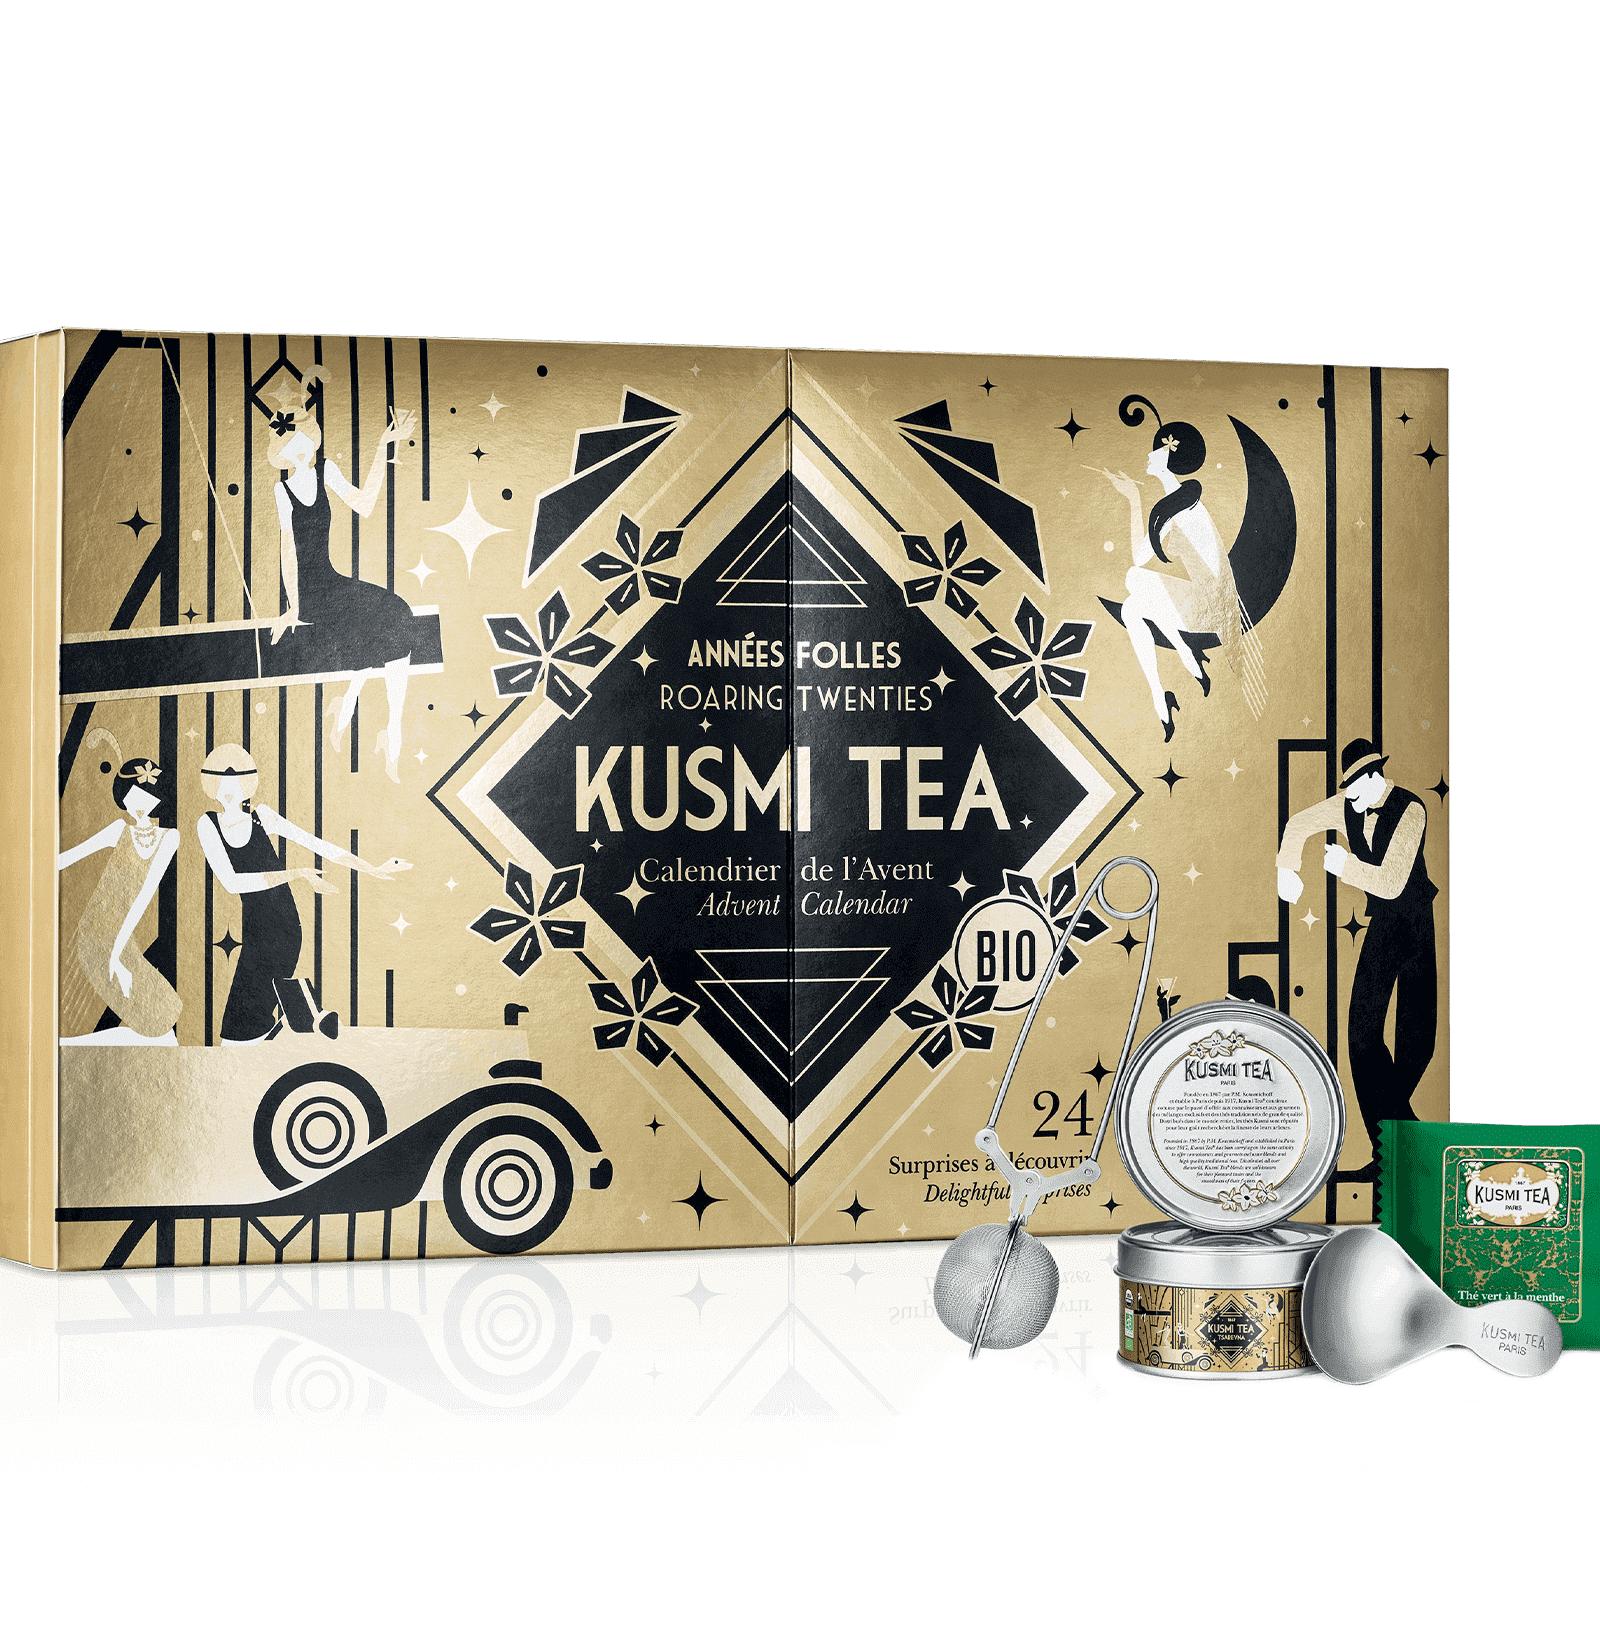 KUSMI TEA Calendrier de l'Avent Kusmi Tea Bio - Calendrier contenant 2 miniatures et 20 sachets de thés verts, thés noirs et infusions aromatisés avec une pince et une cuillère à thé - Kusmi Tea